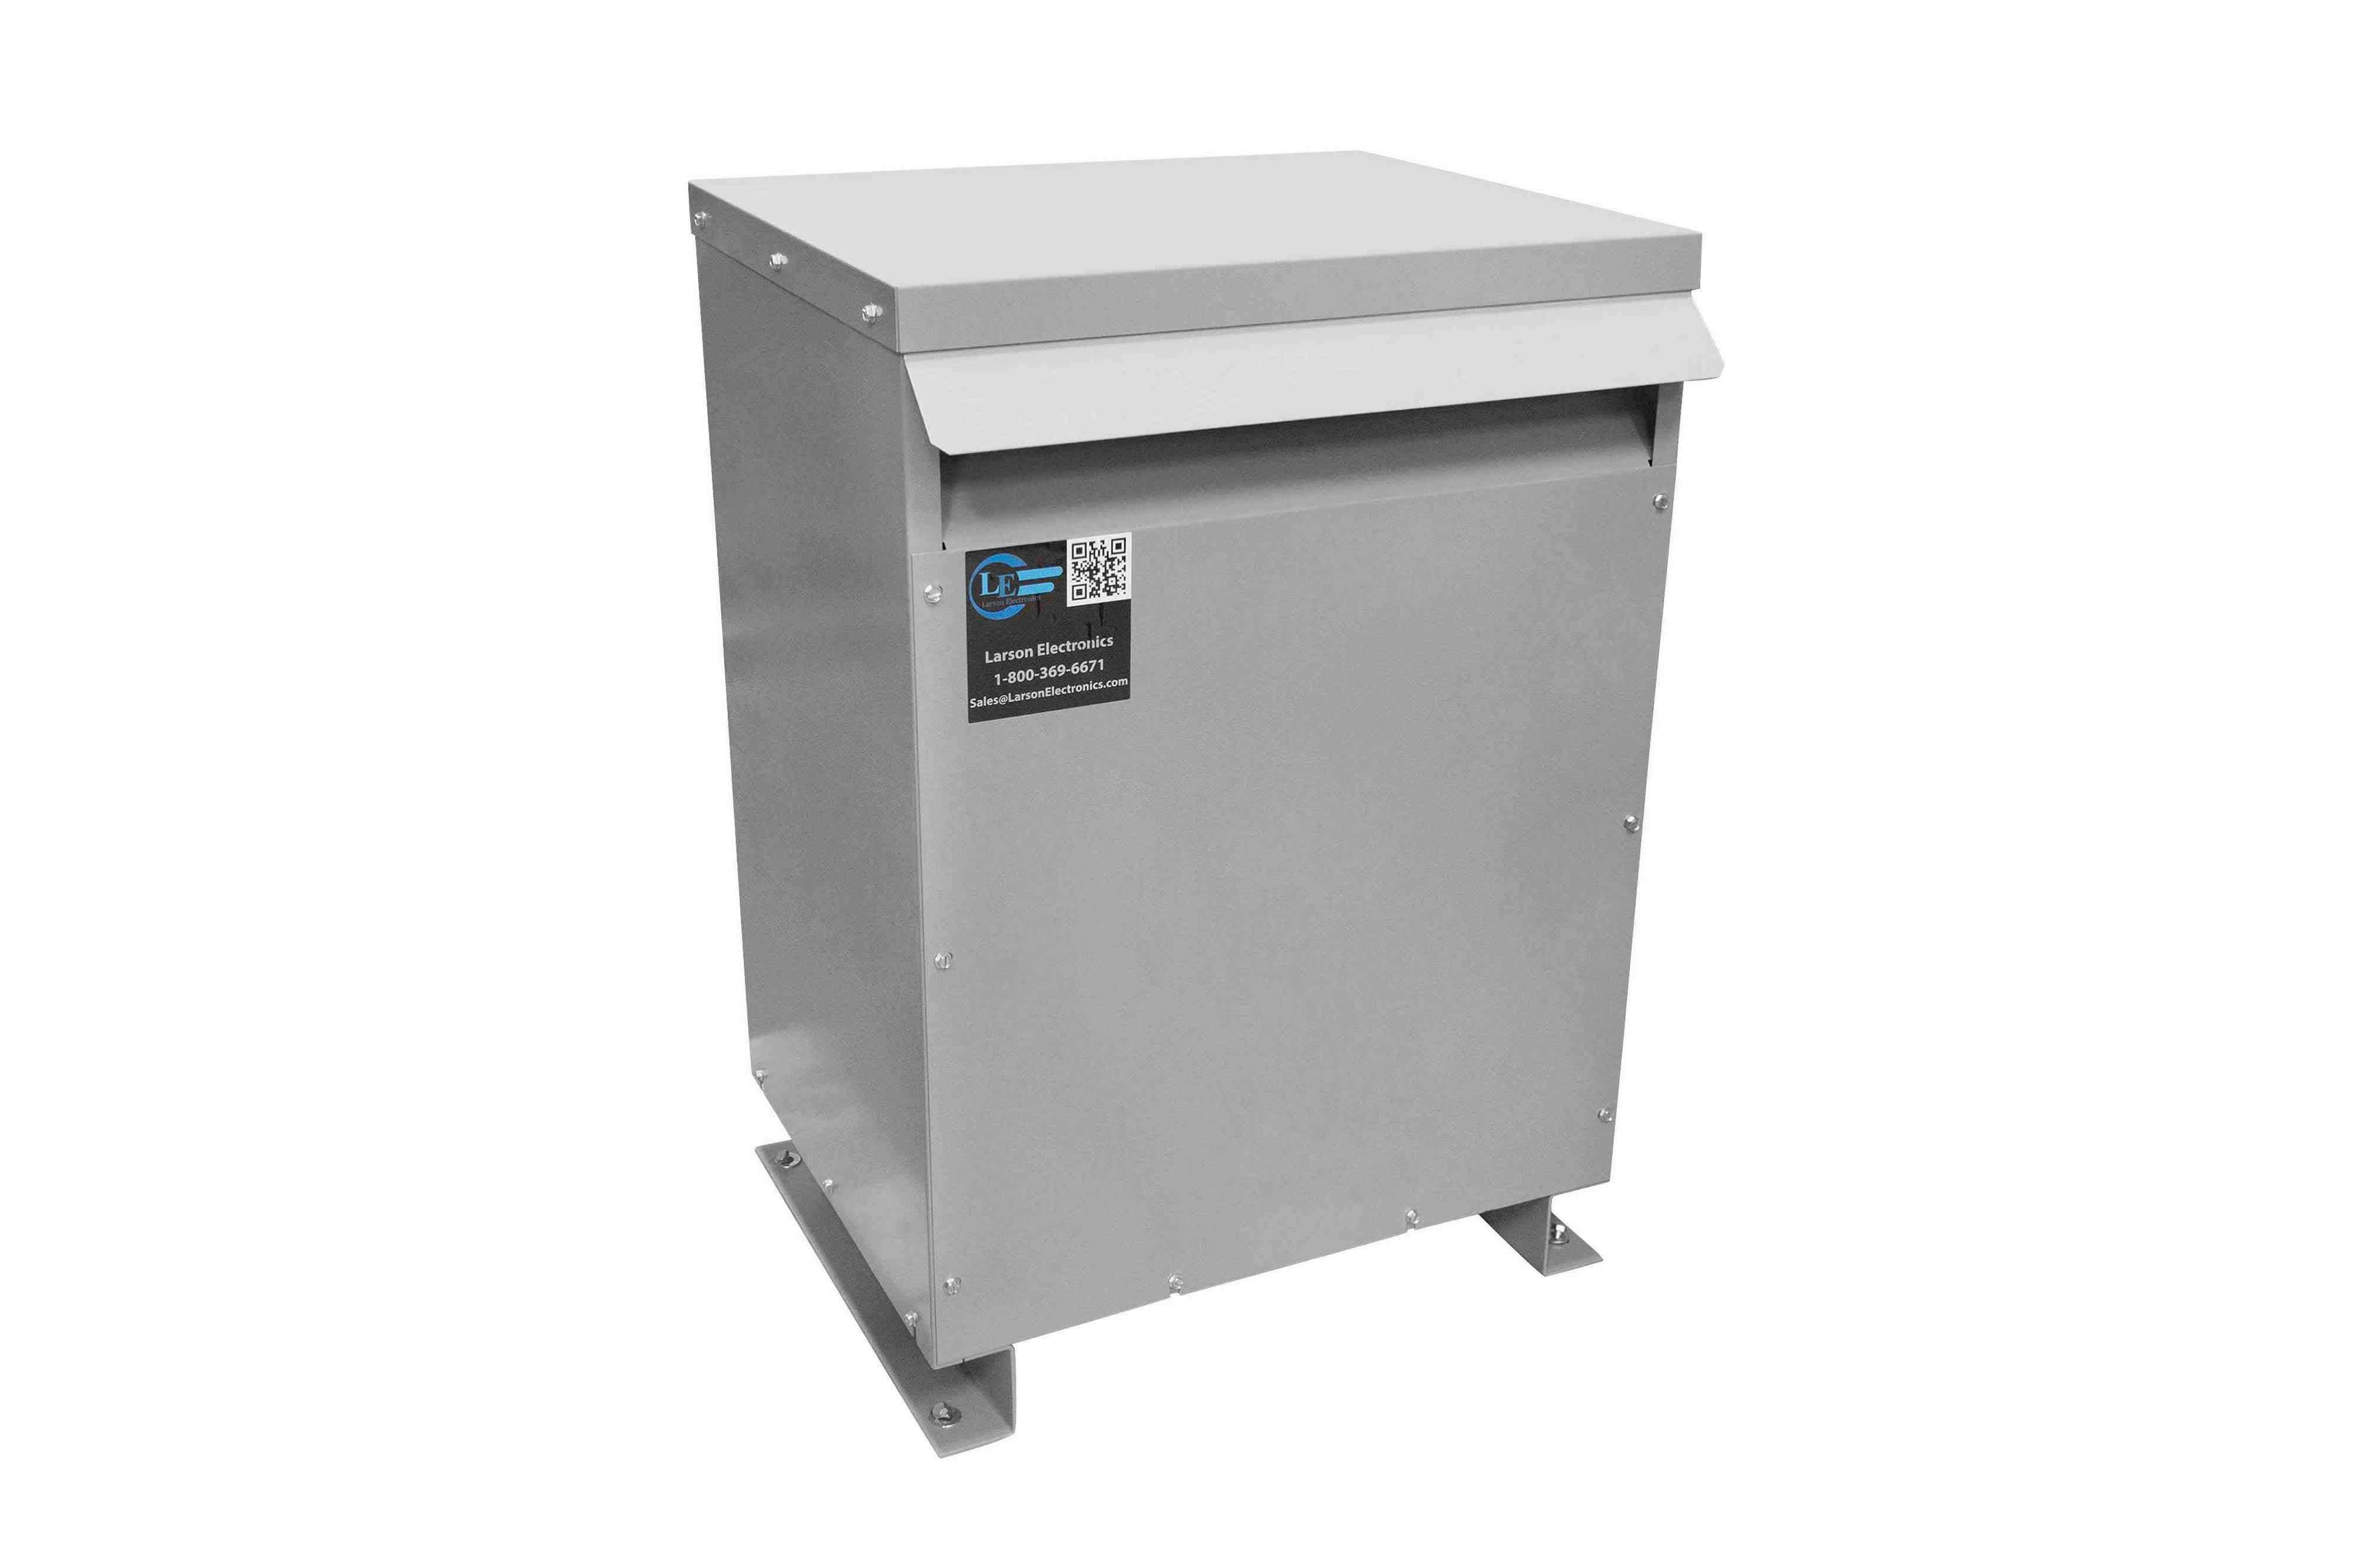 250 kVA 3PH Isolation Transformer, 208V Delta Primary, 480V Delta Secondary, N3R, Ventilated, 60 Hz